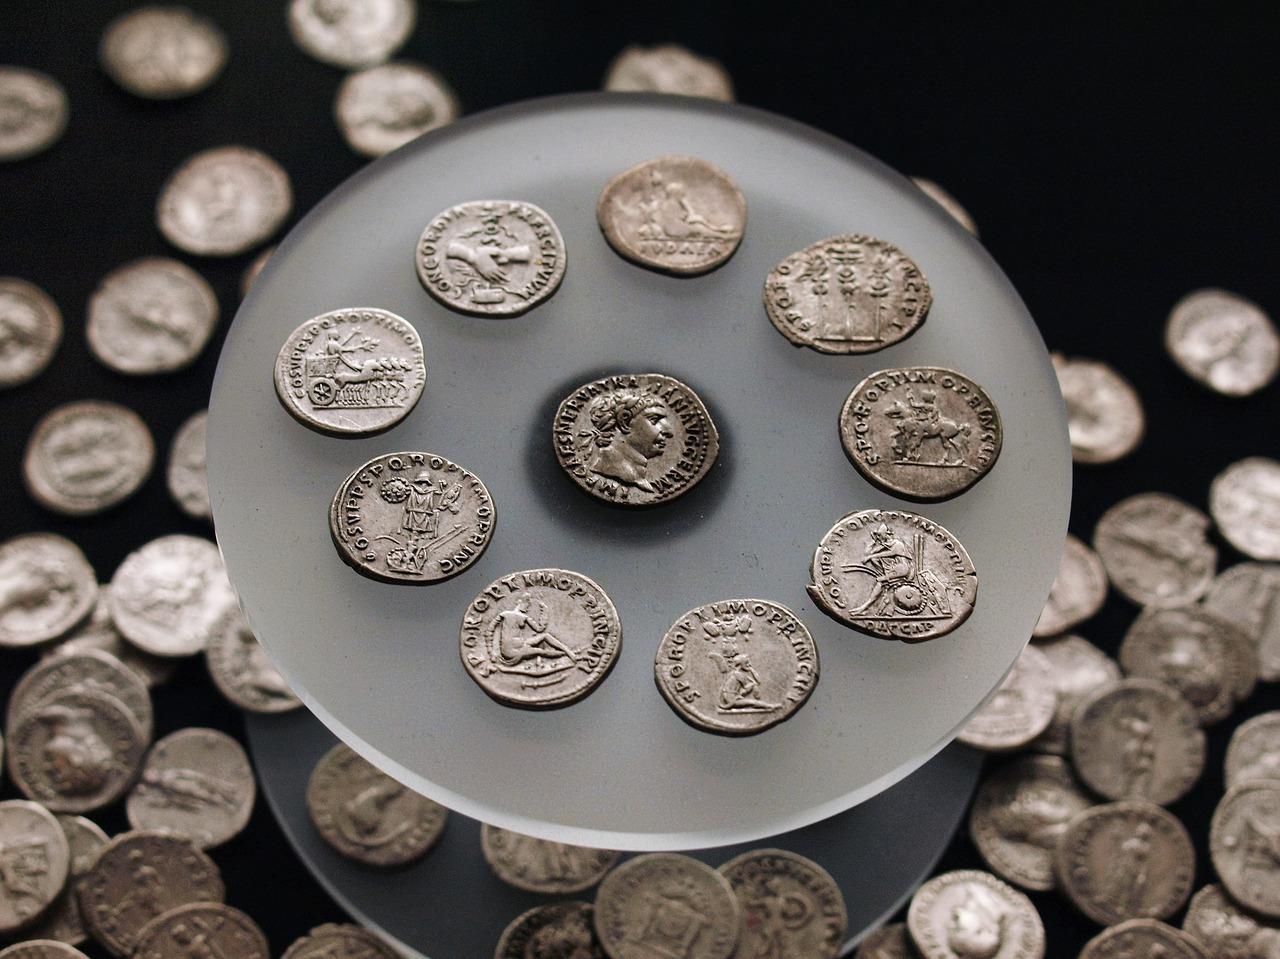 coins 2687597 1280 - Wer war eigentlich der Erfinder des Geldes?